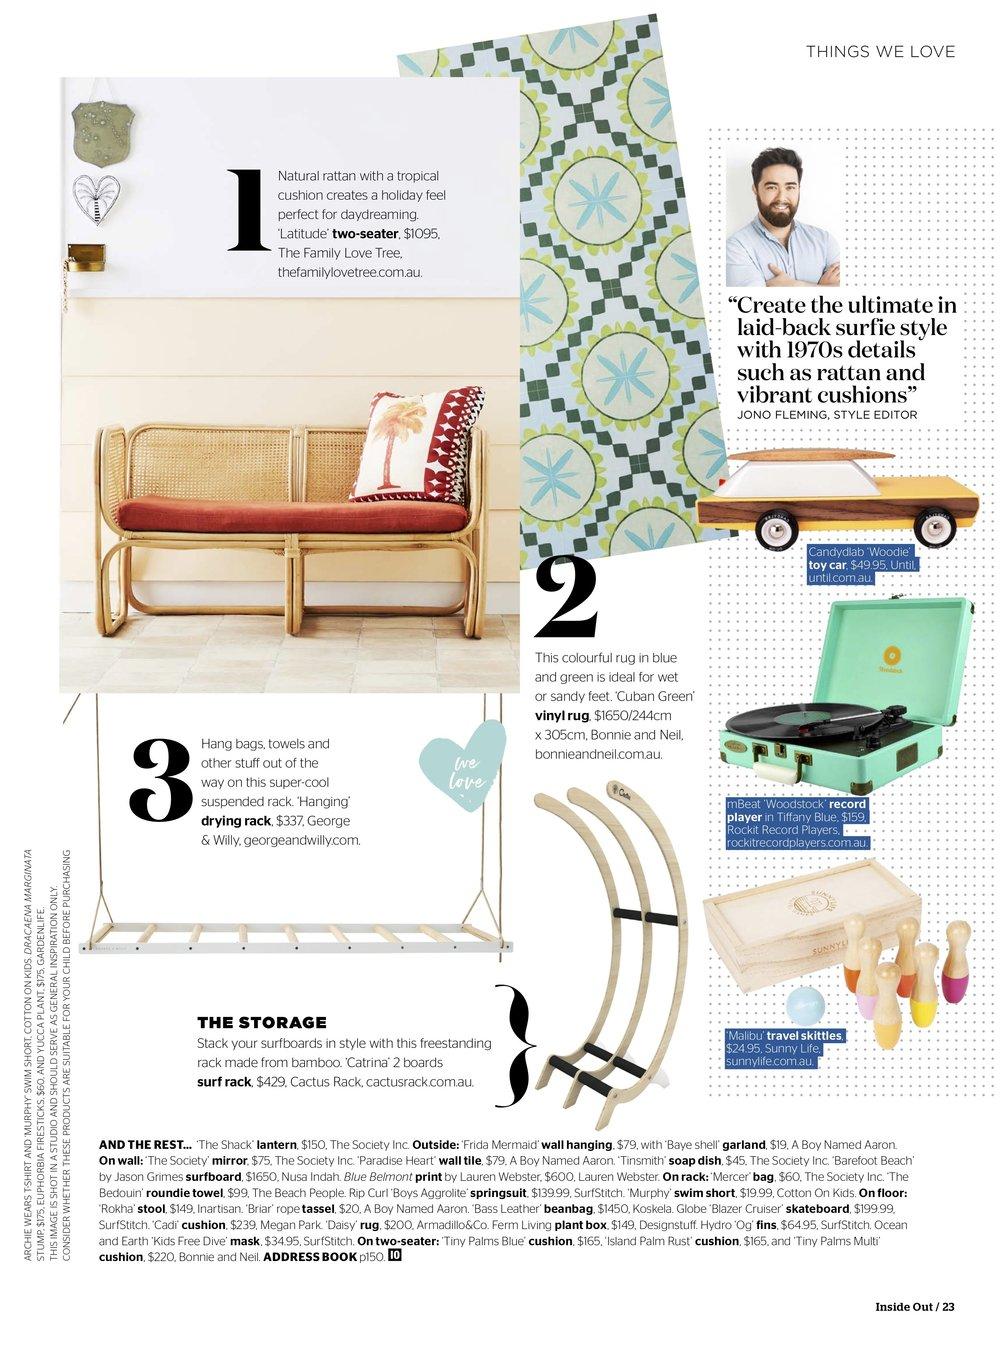 Inside Out pg 3.jpg